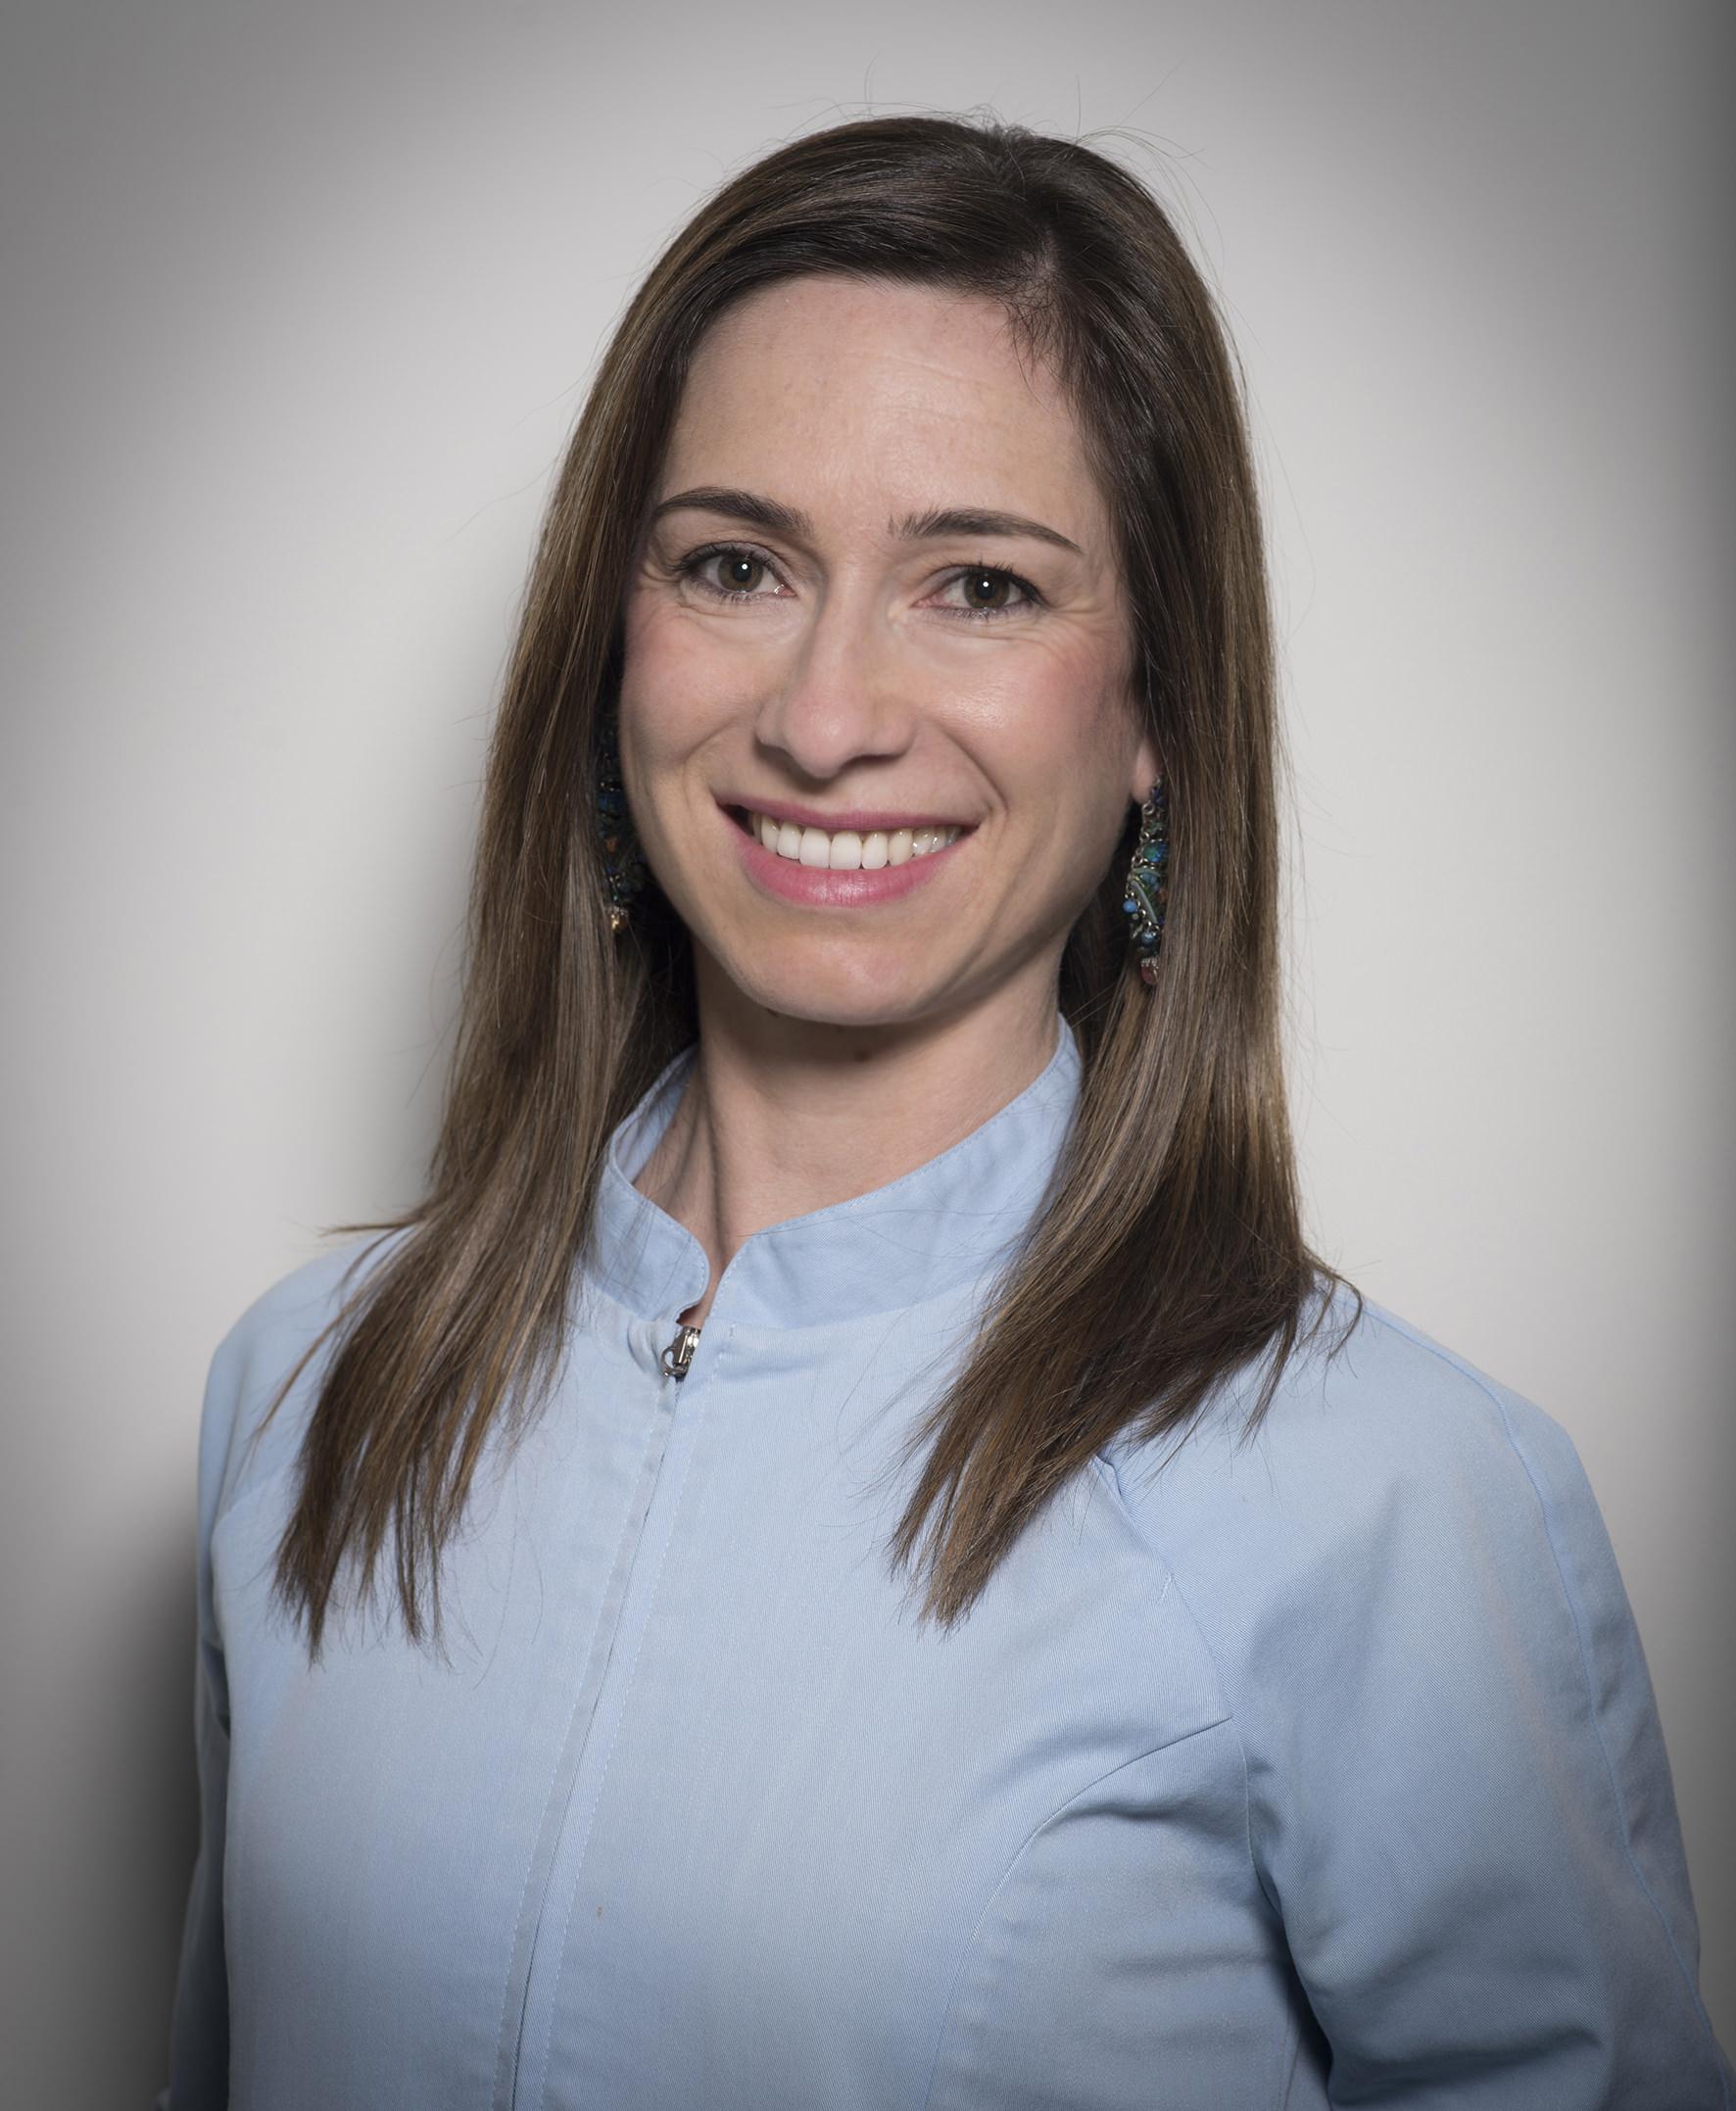 Médica dentista